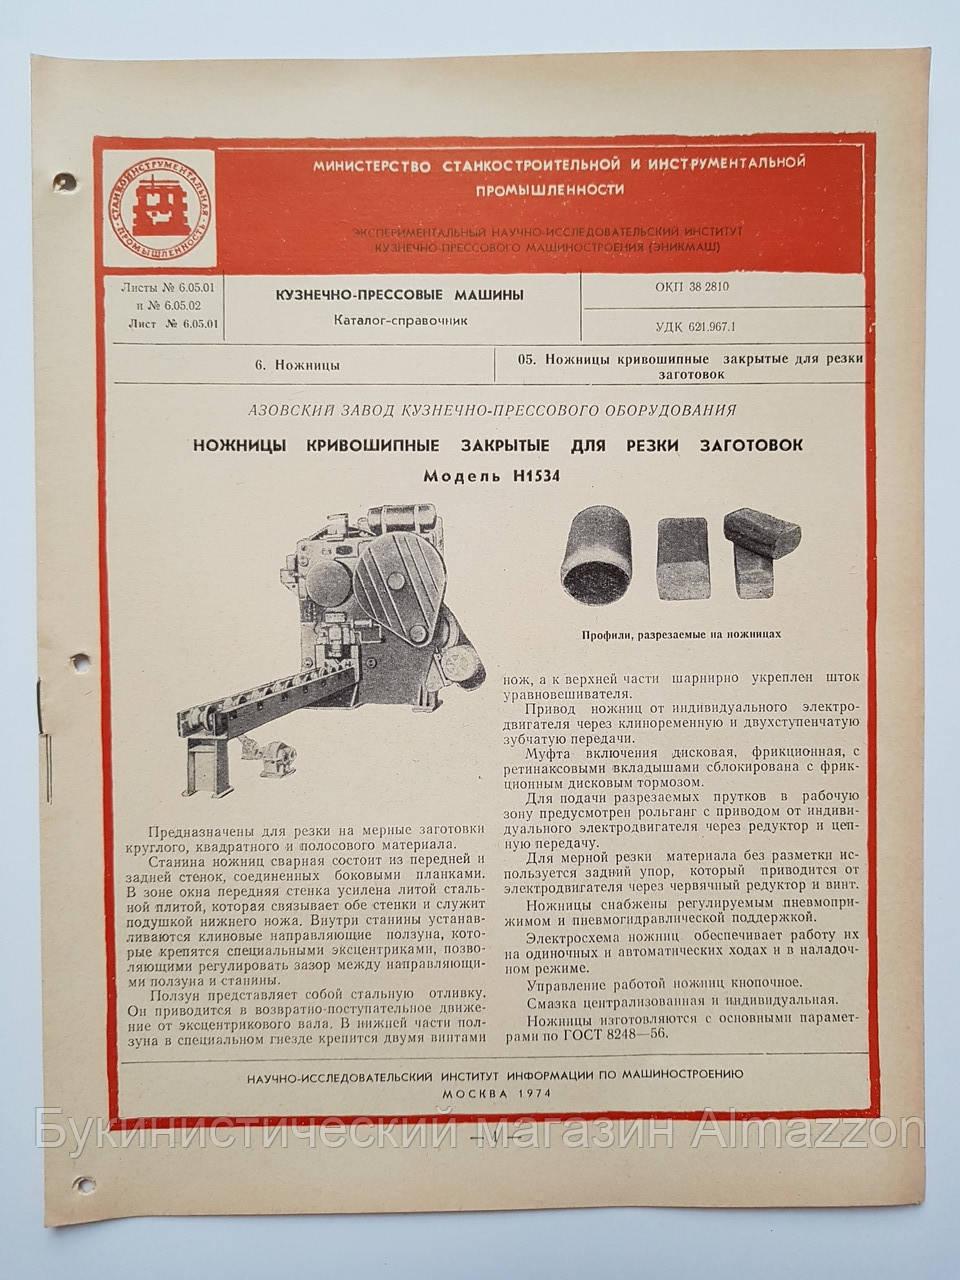 Журнал (Бюллетень) Ножницы кривошипные закрытые для резки заготовок Н1534  6.05.01 и 6.05.02